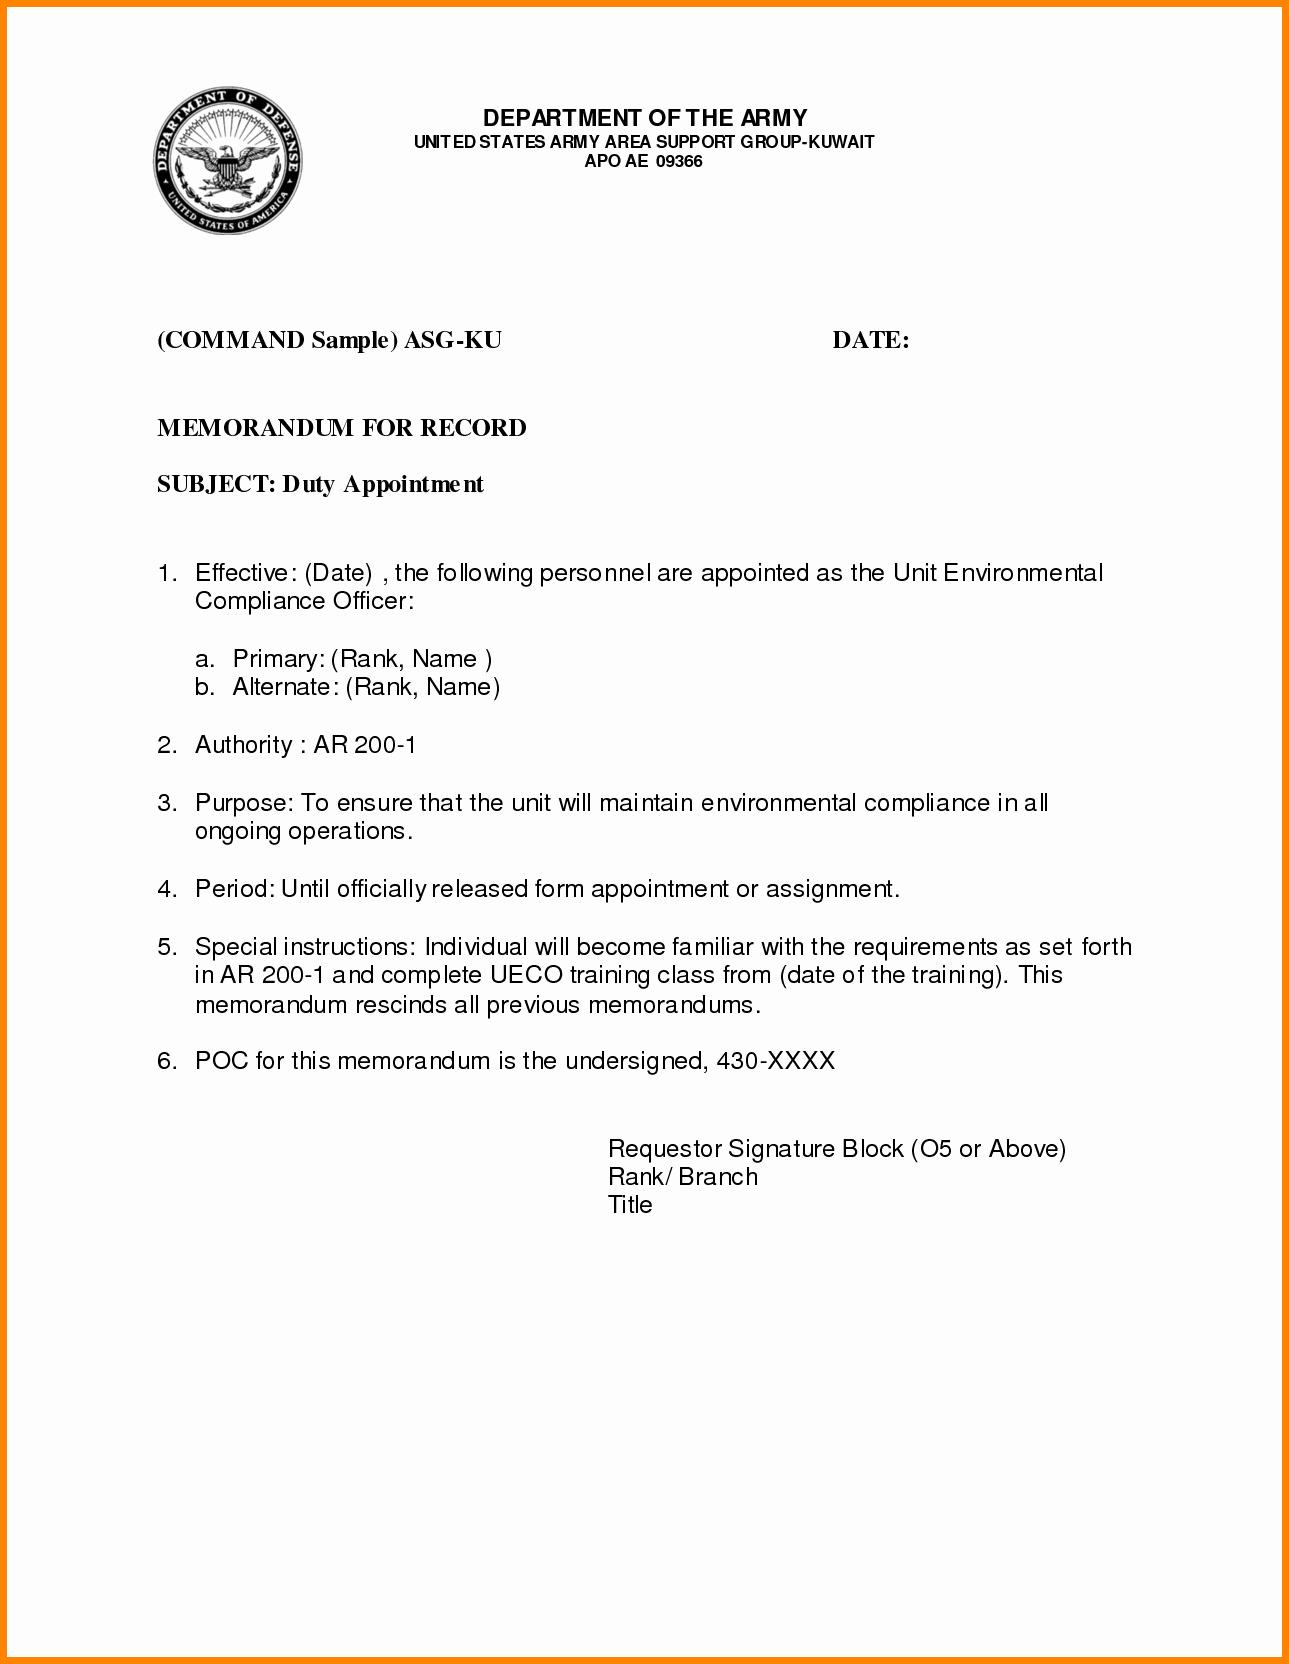 Army Memorandum for Record Template Elegant 6 Memorandum for Record Army